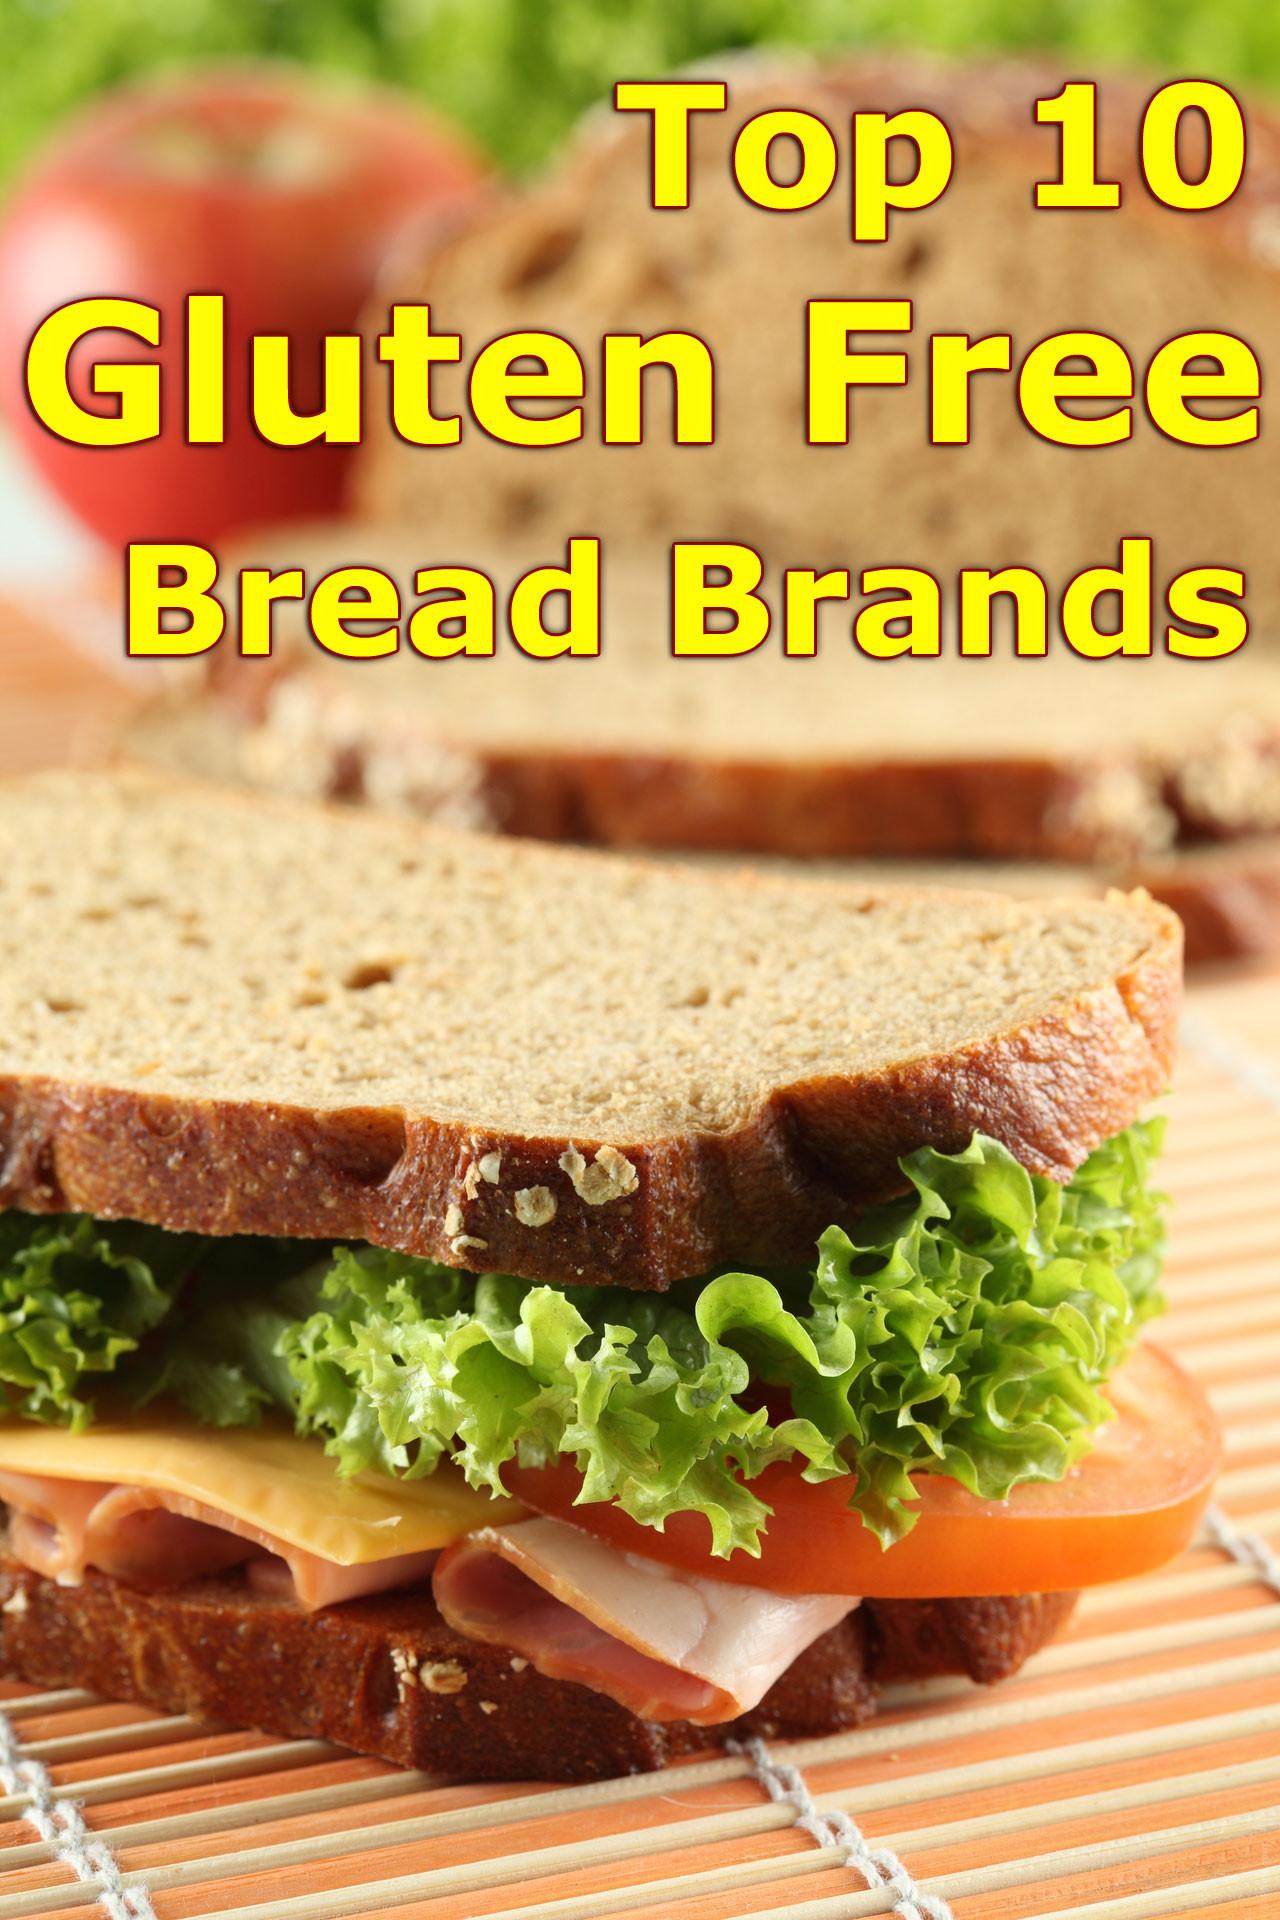 Best Gluten Free Bread  Top 10 Gluten Free Bread Brands